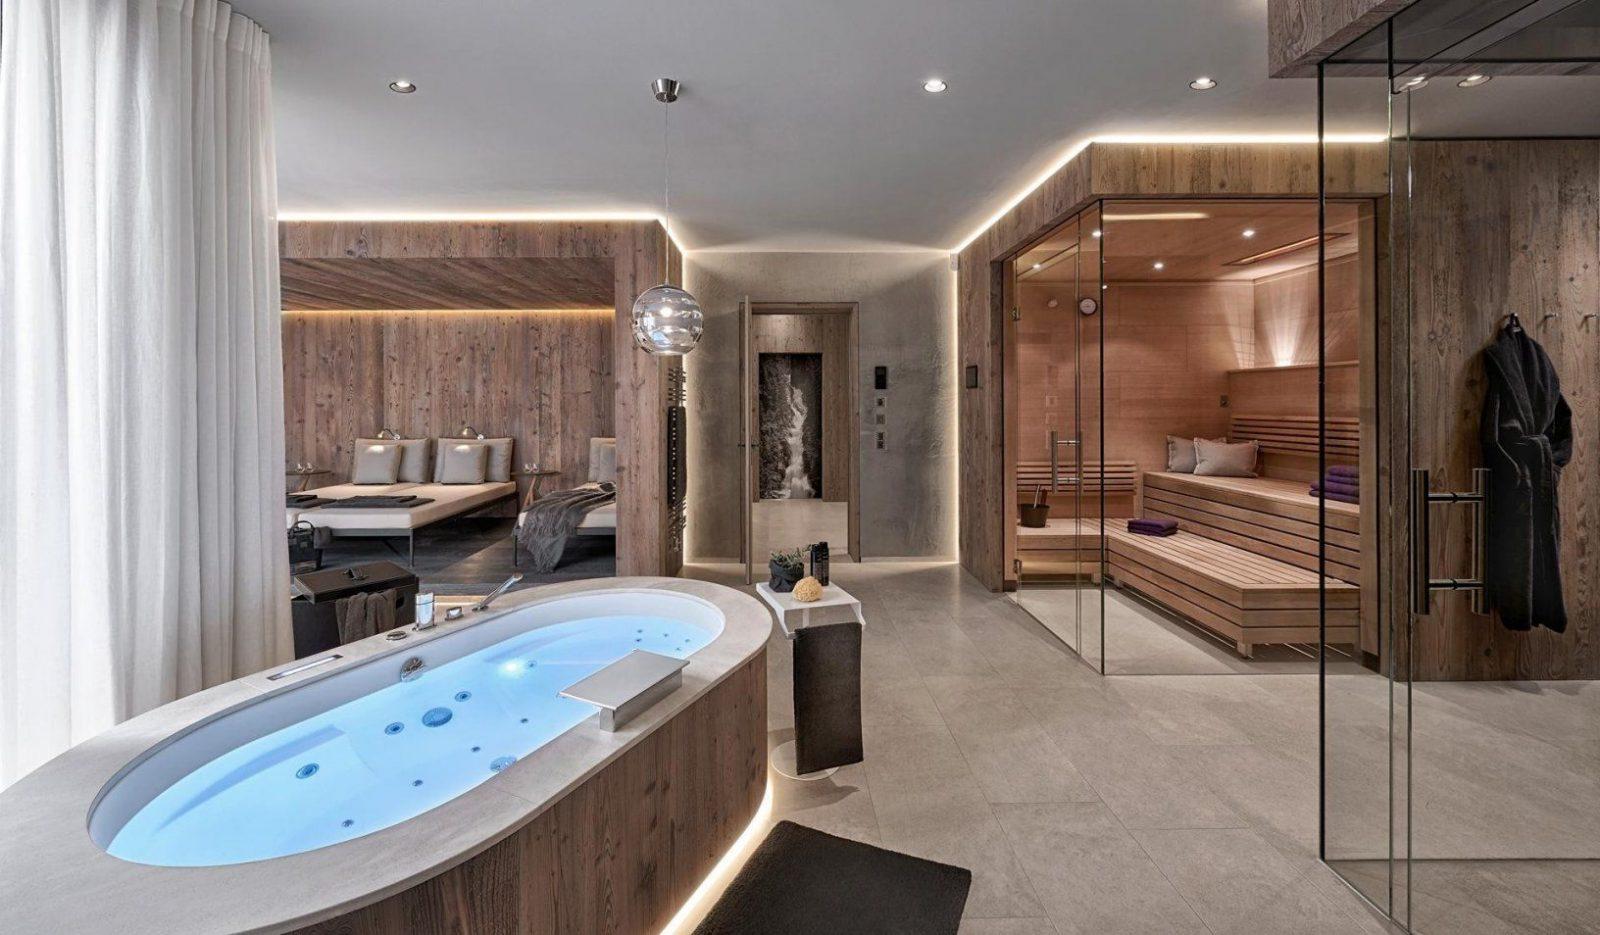 Luxus Badezimmer Luxus Galerie Betreffend Luxus Badezimmer von Luxus Badezimmer Mit Whirlpool Bild